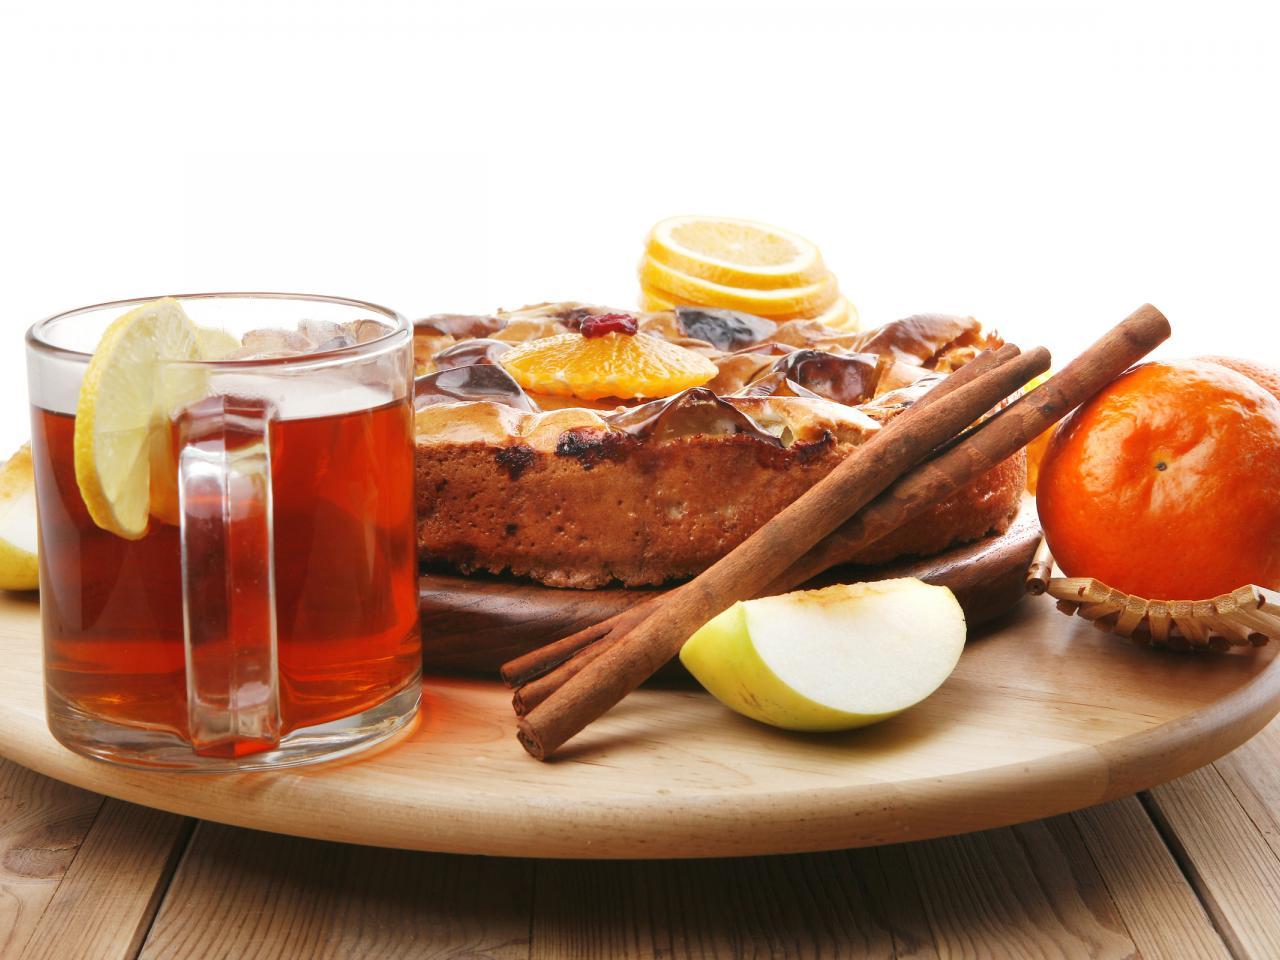 Чай с корицей: рецепты с имбирем, медом, апельсином, яблоком и другими ингридиентами